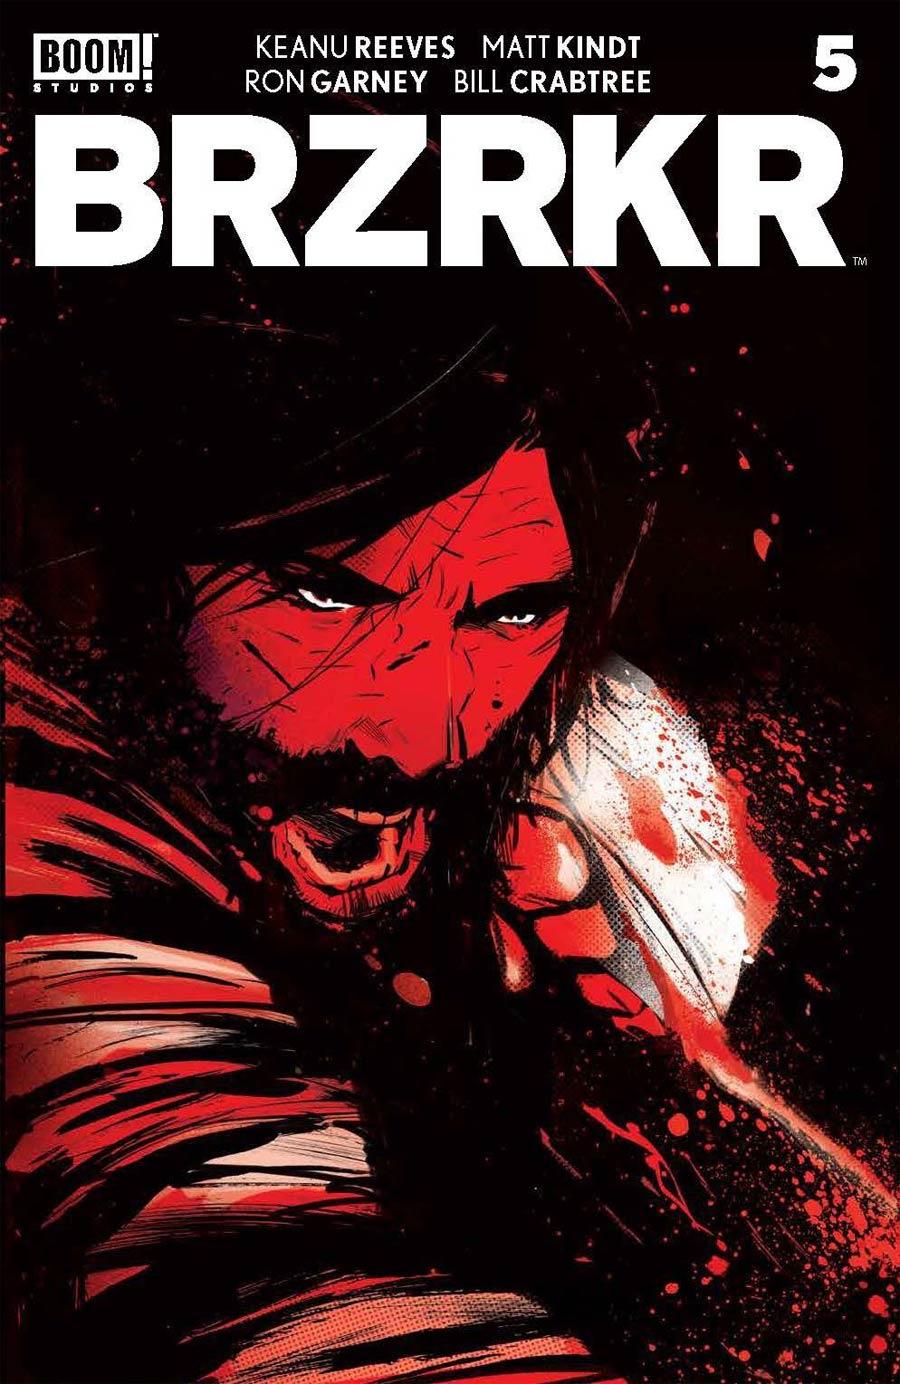 BRZRKR (Berzerker) #5 Cover A Regular Lee Garbett Cover